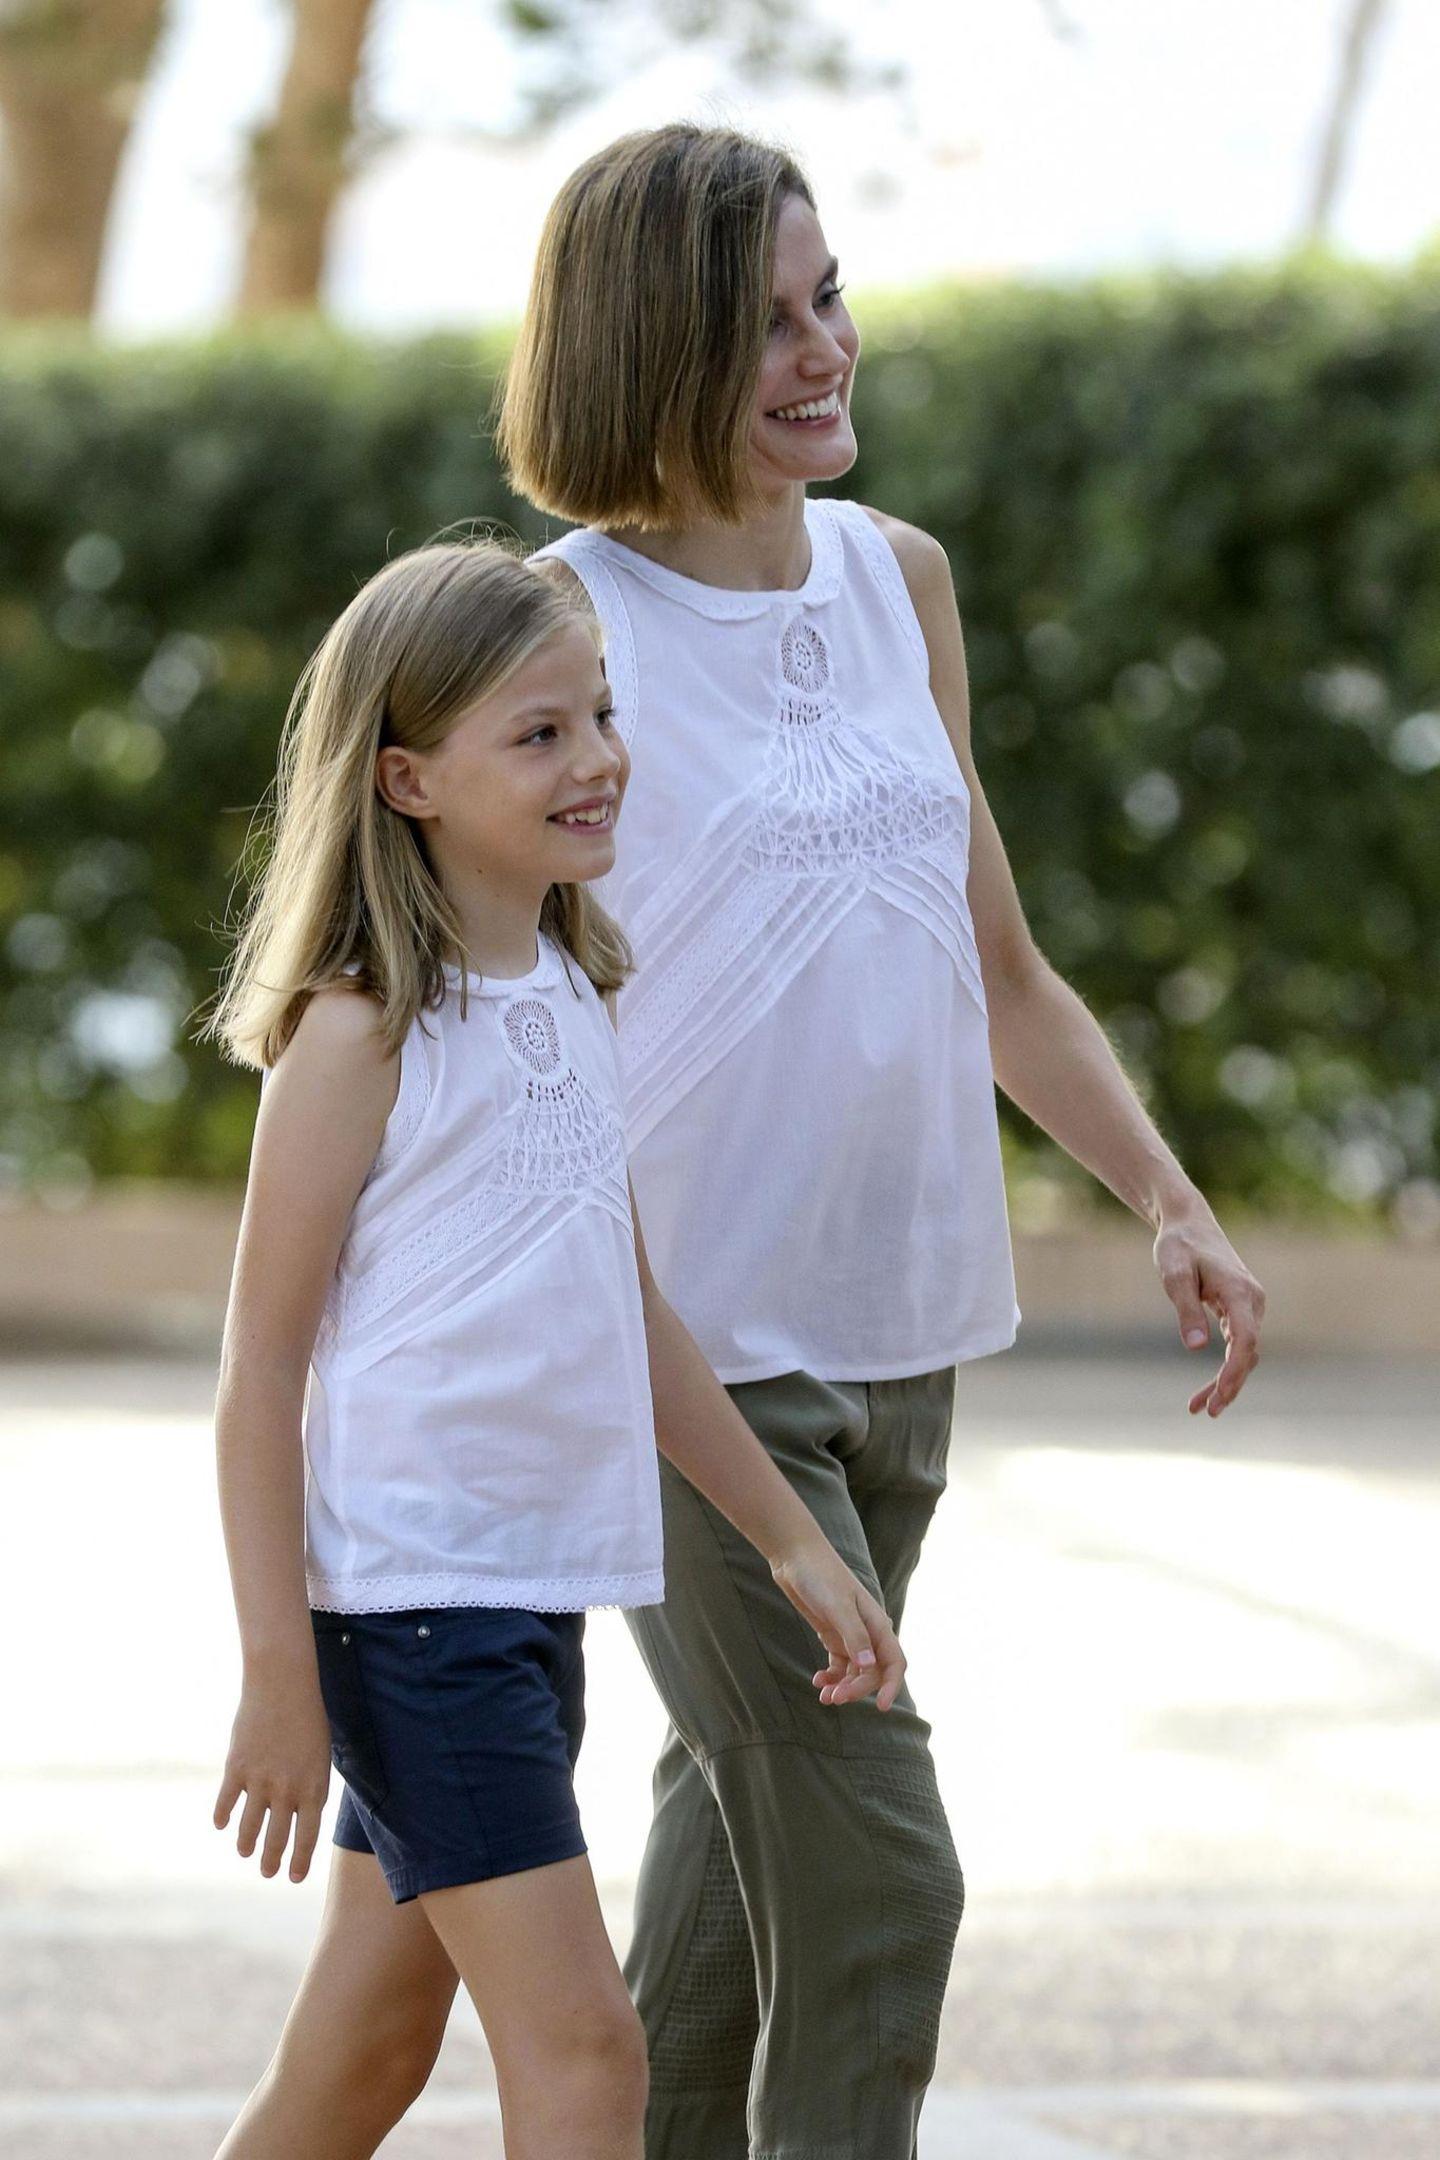 Stars im Partnerlook: Königin Letizia mit Tochter unterwegs